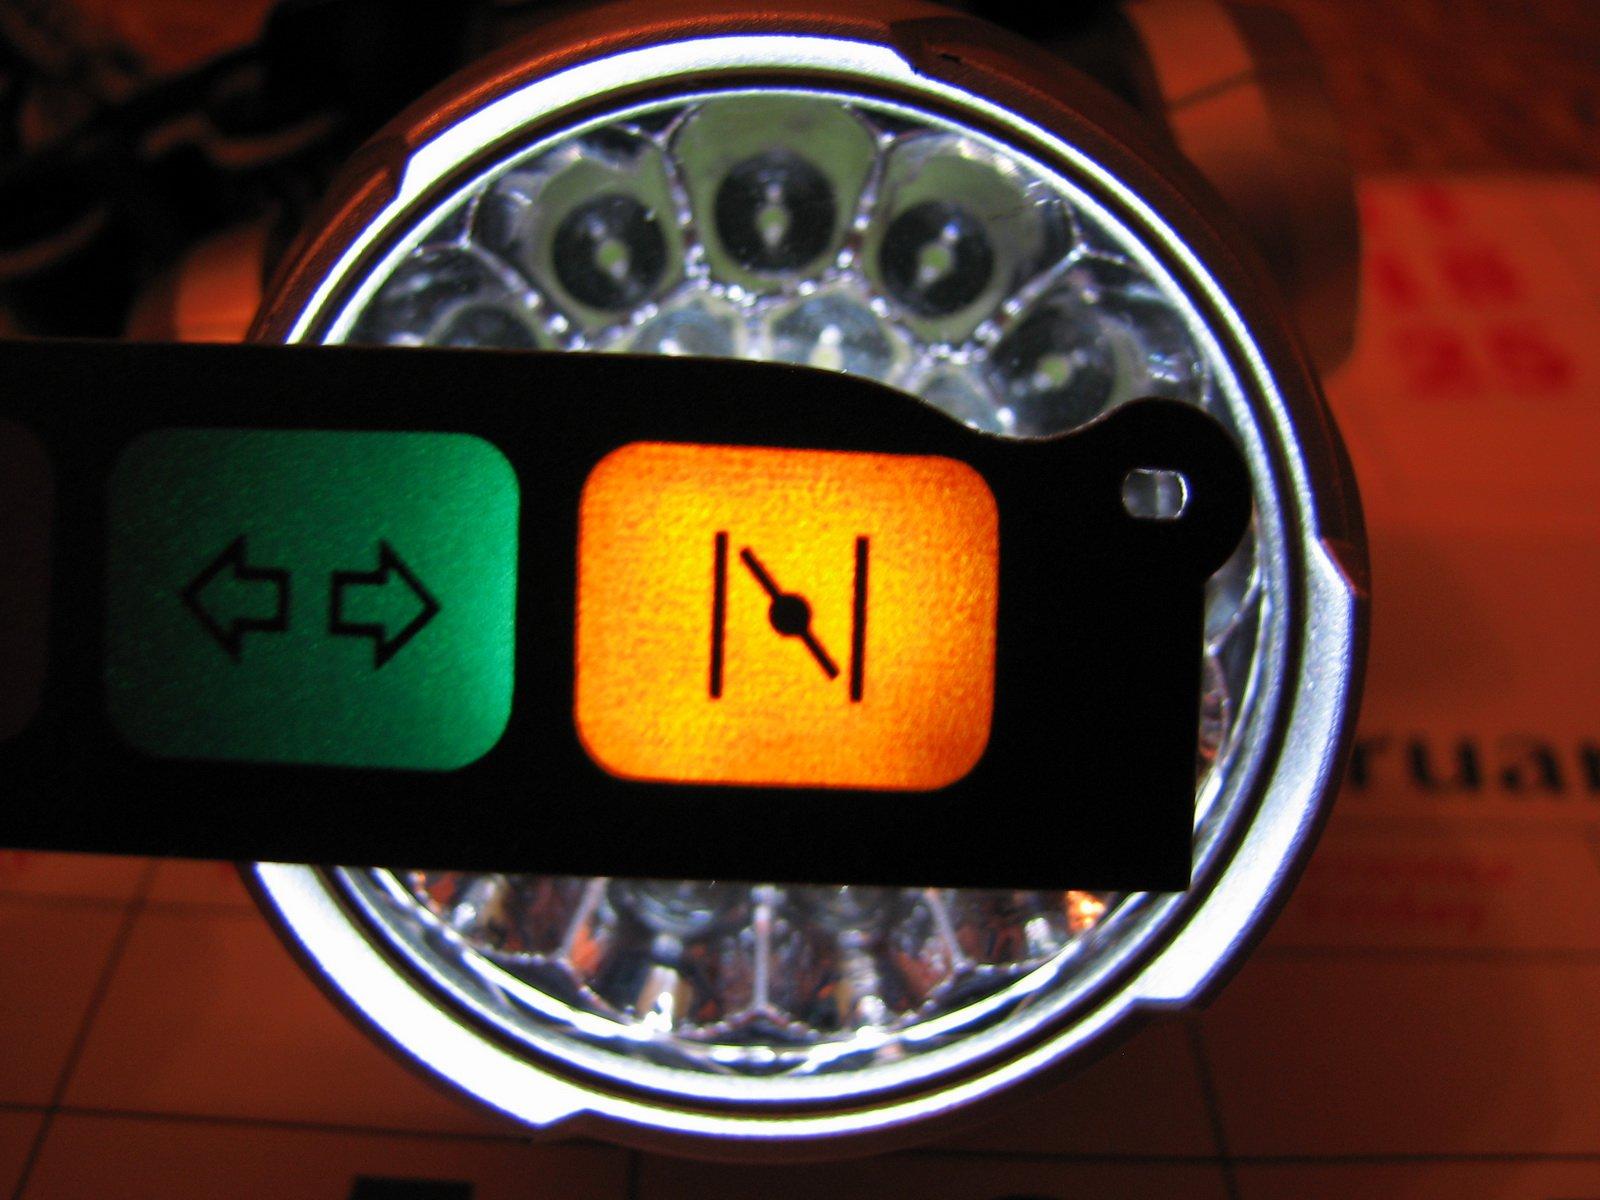 Контрольная лампа открытия дверей бортжурнал audi  лампа подсоса